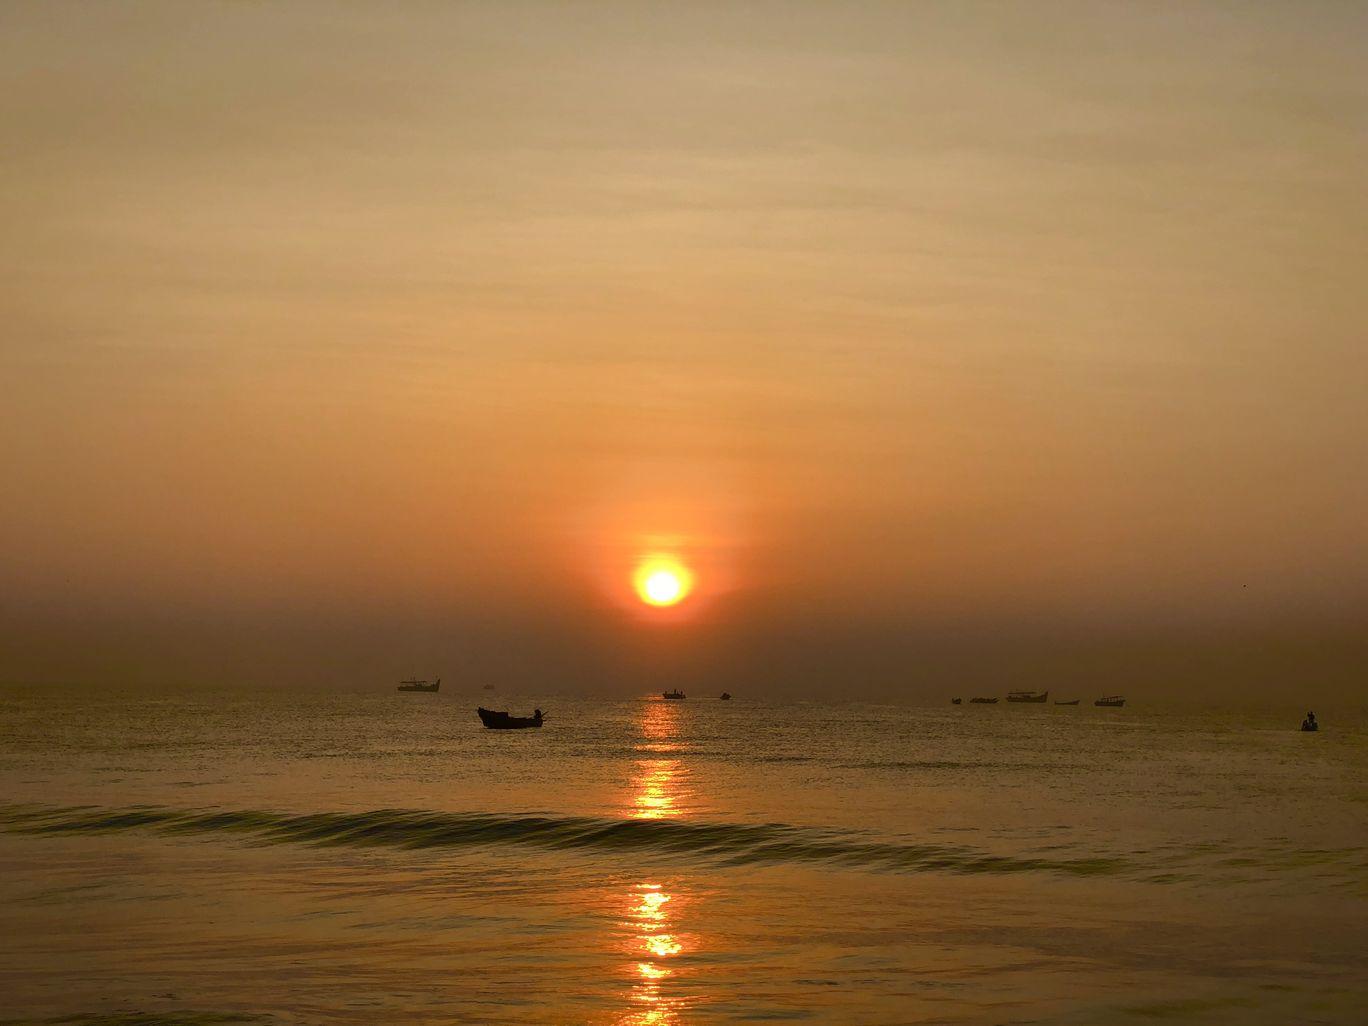 Photo of Serenity Beach By Sravanthi Ledalla